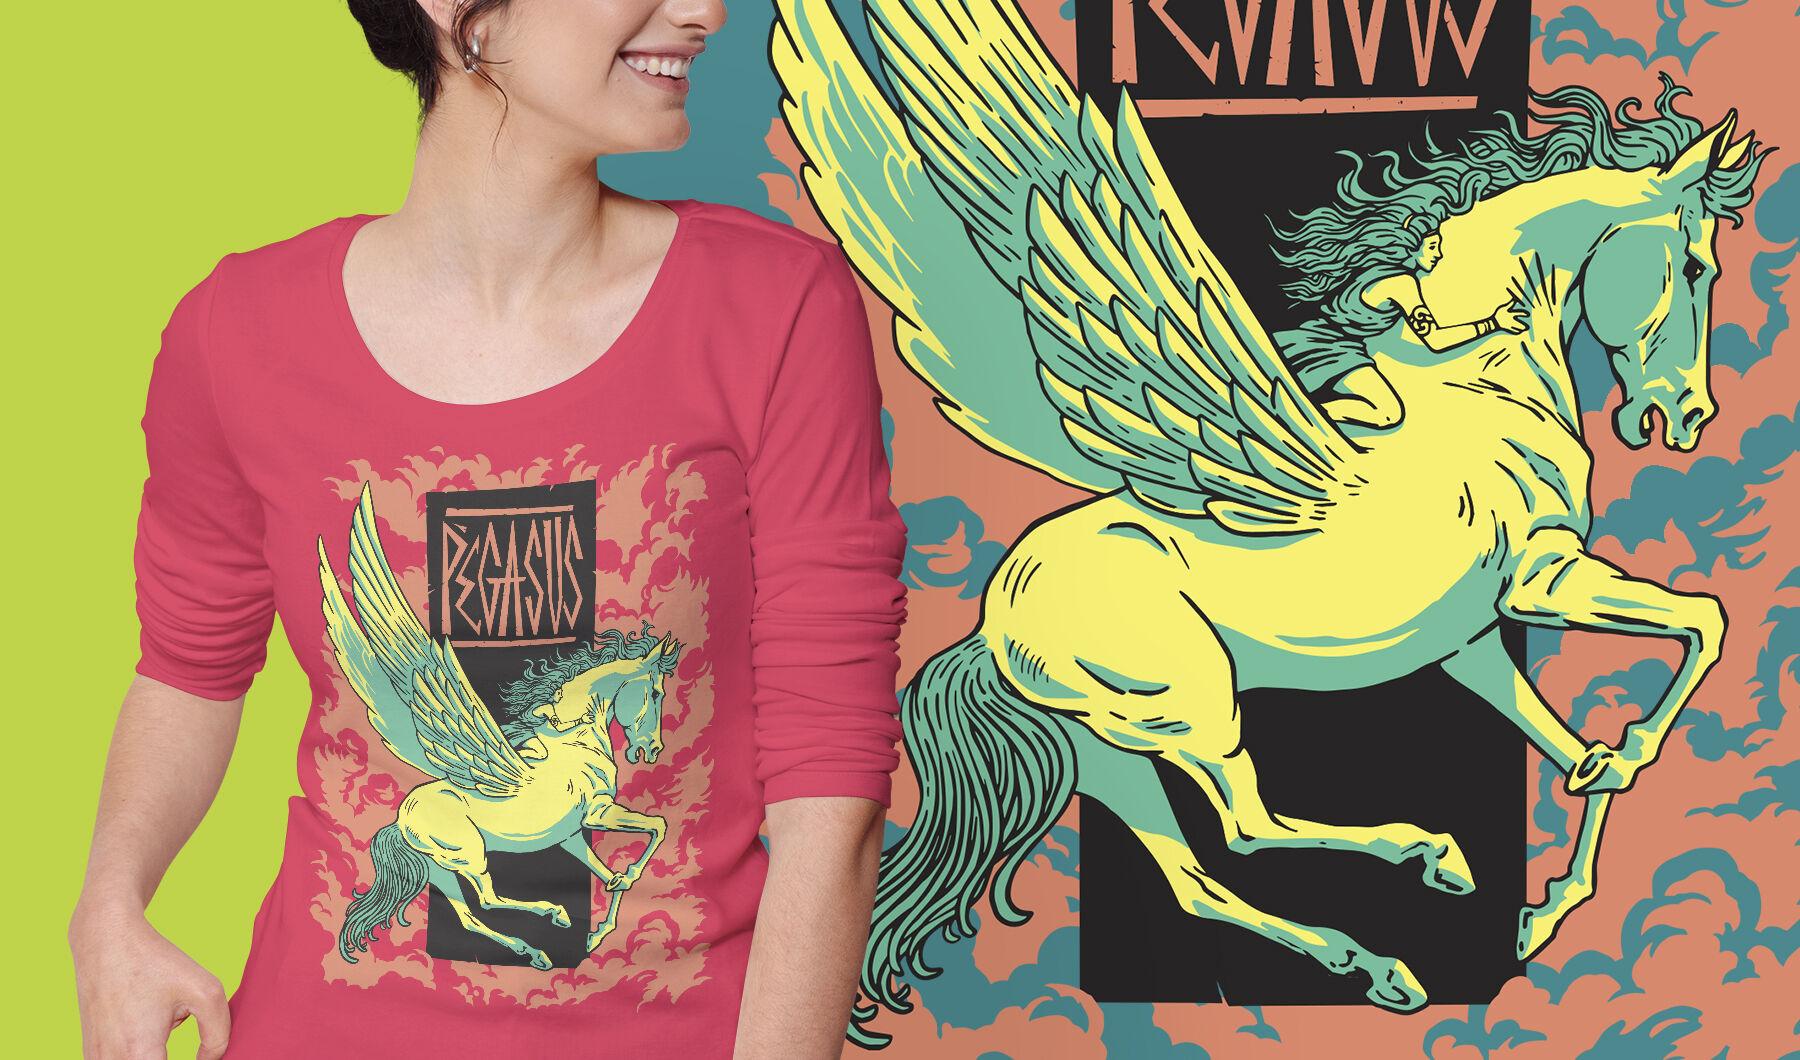 Design da t-shirt da Grécia mítica da Pegasus